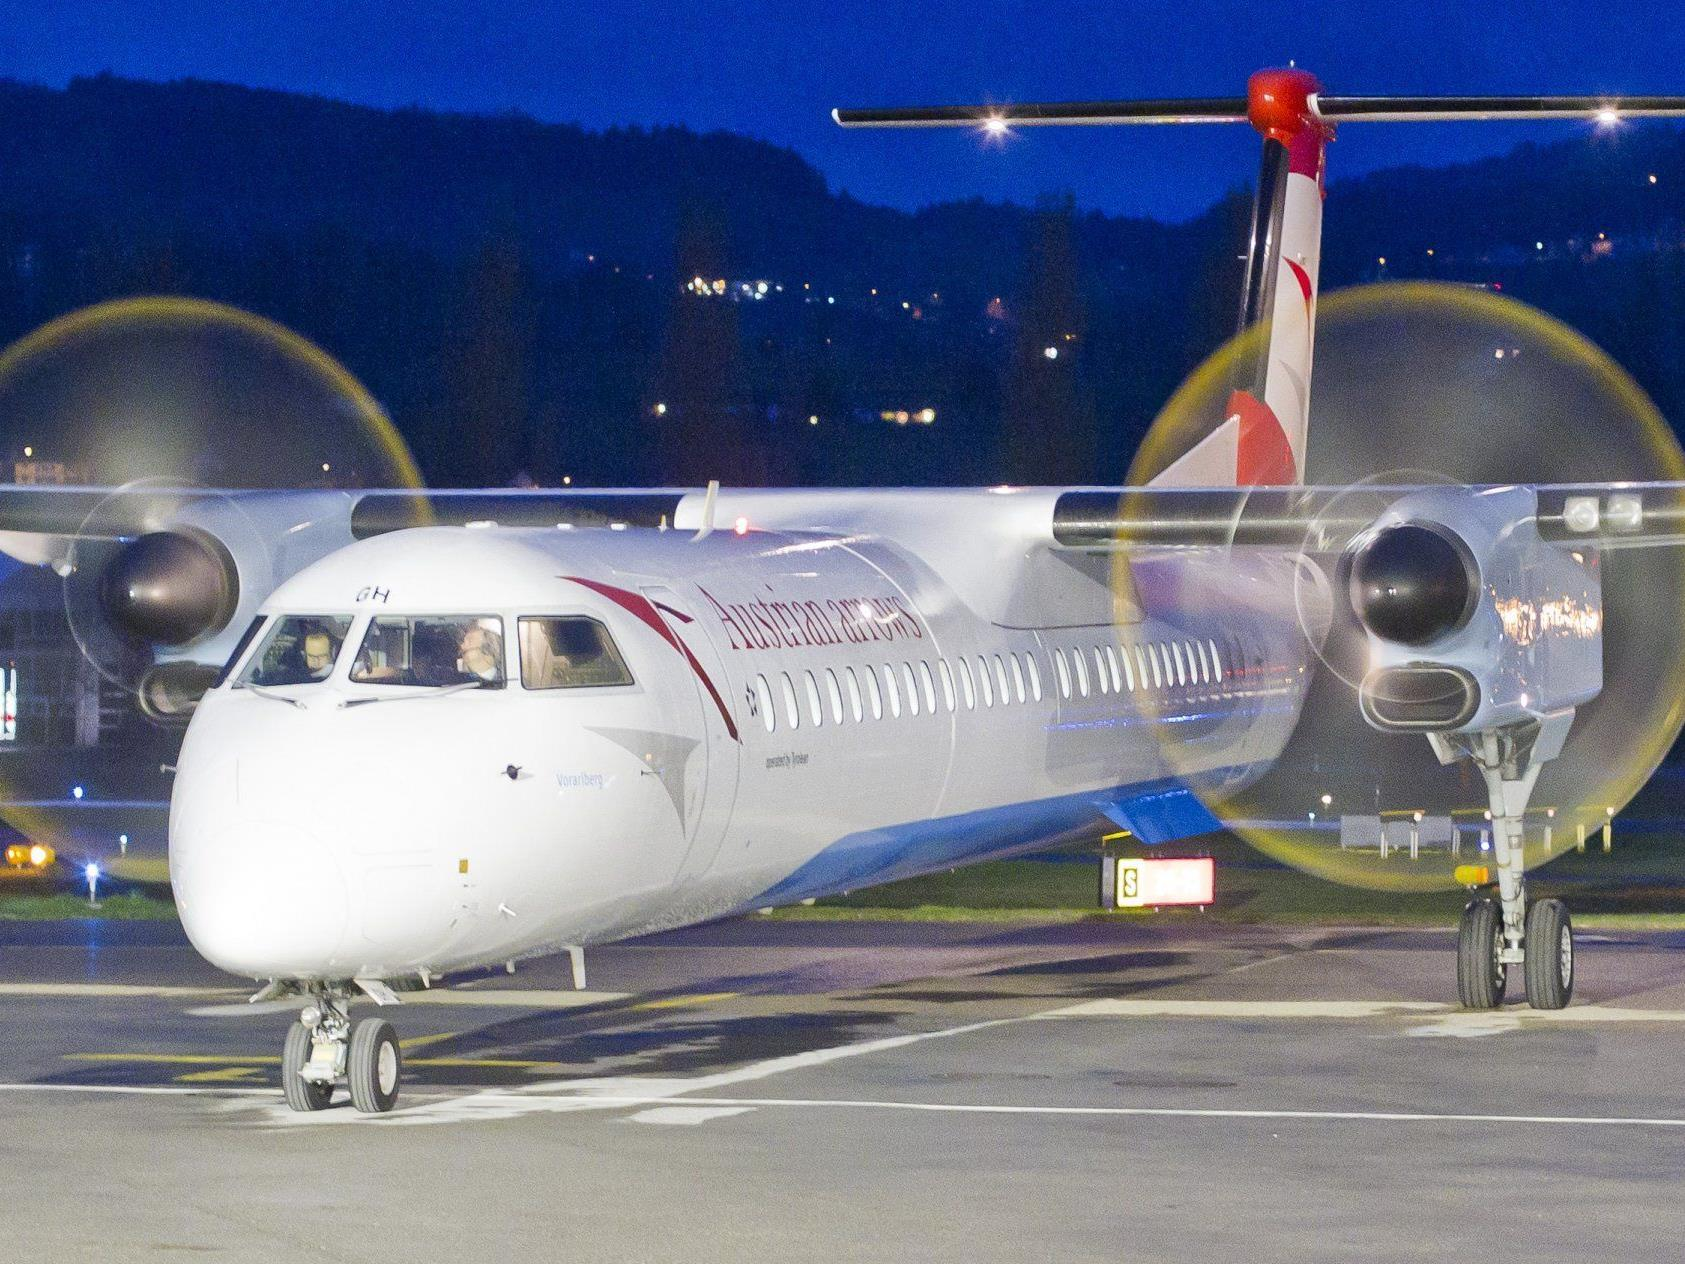 Flughafen Altenrhein: Laut Michael Braun, Pressesprecher der AUA, sind keine Einschränkungen geplant.